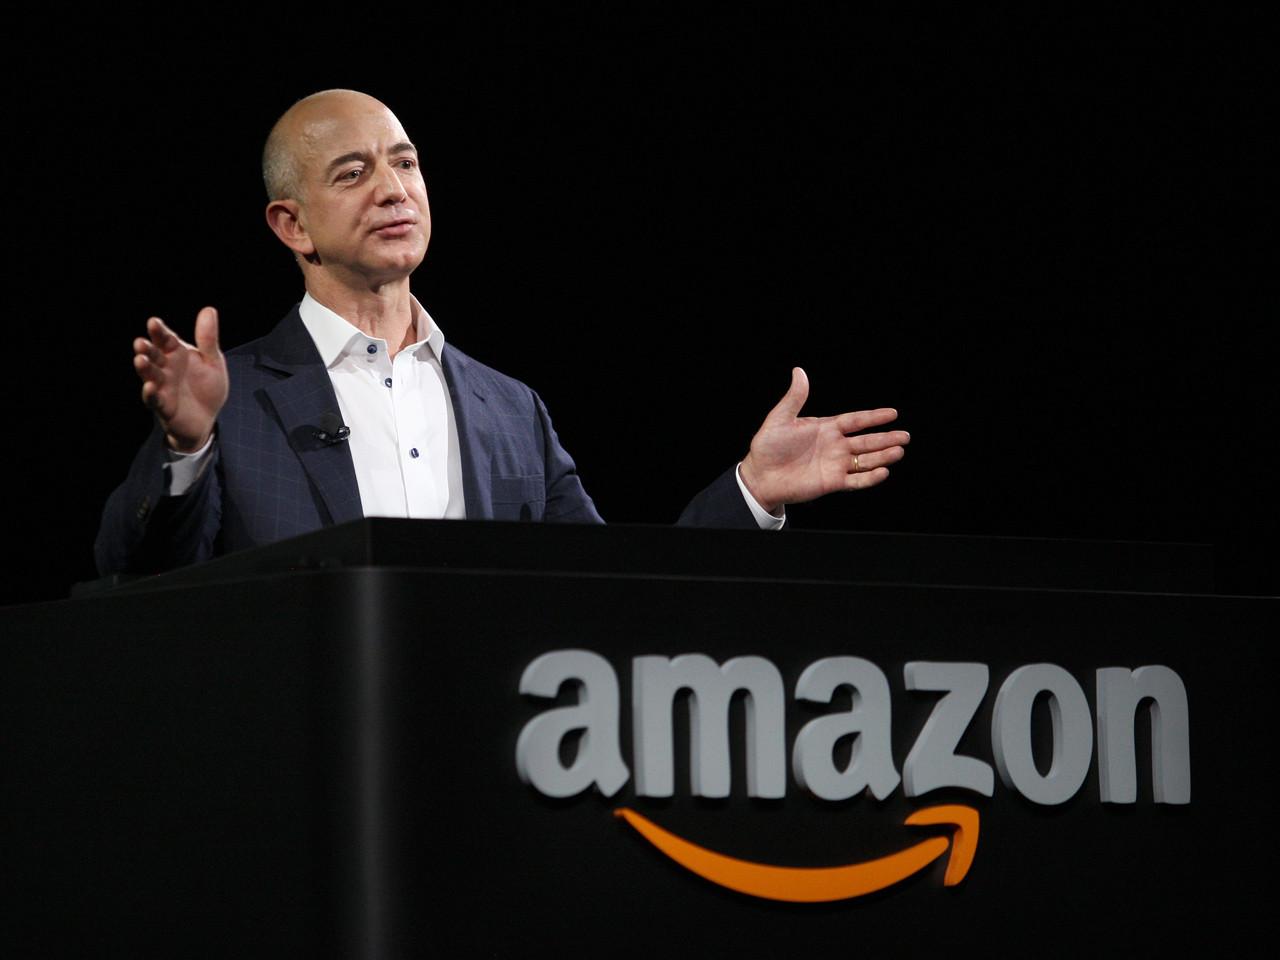 Amazon-ն իր աշխատակիցներին առաջարկում է 5000 ԱՄՆ դոլար աշխատանքից ազատվելու դեպքում